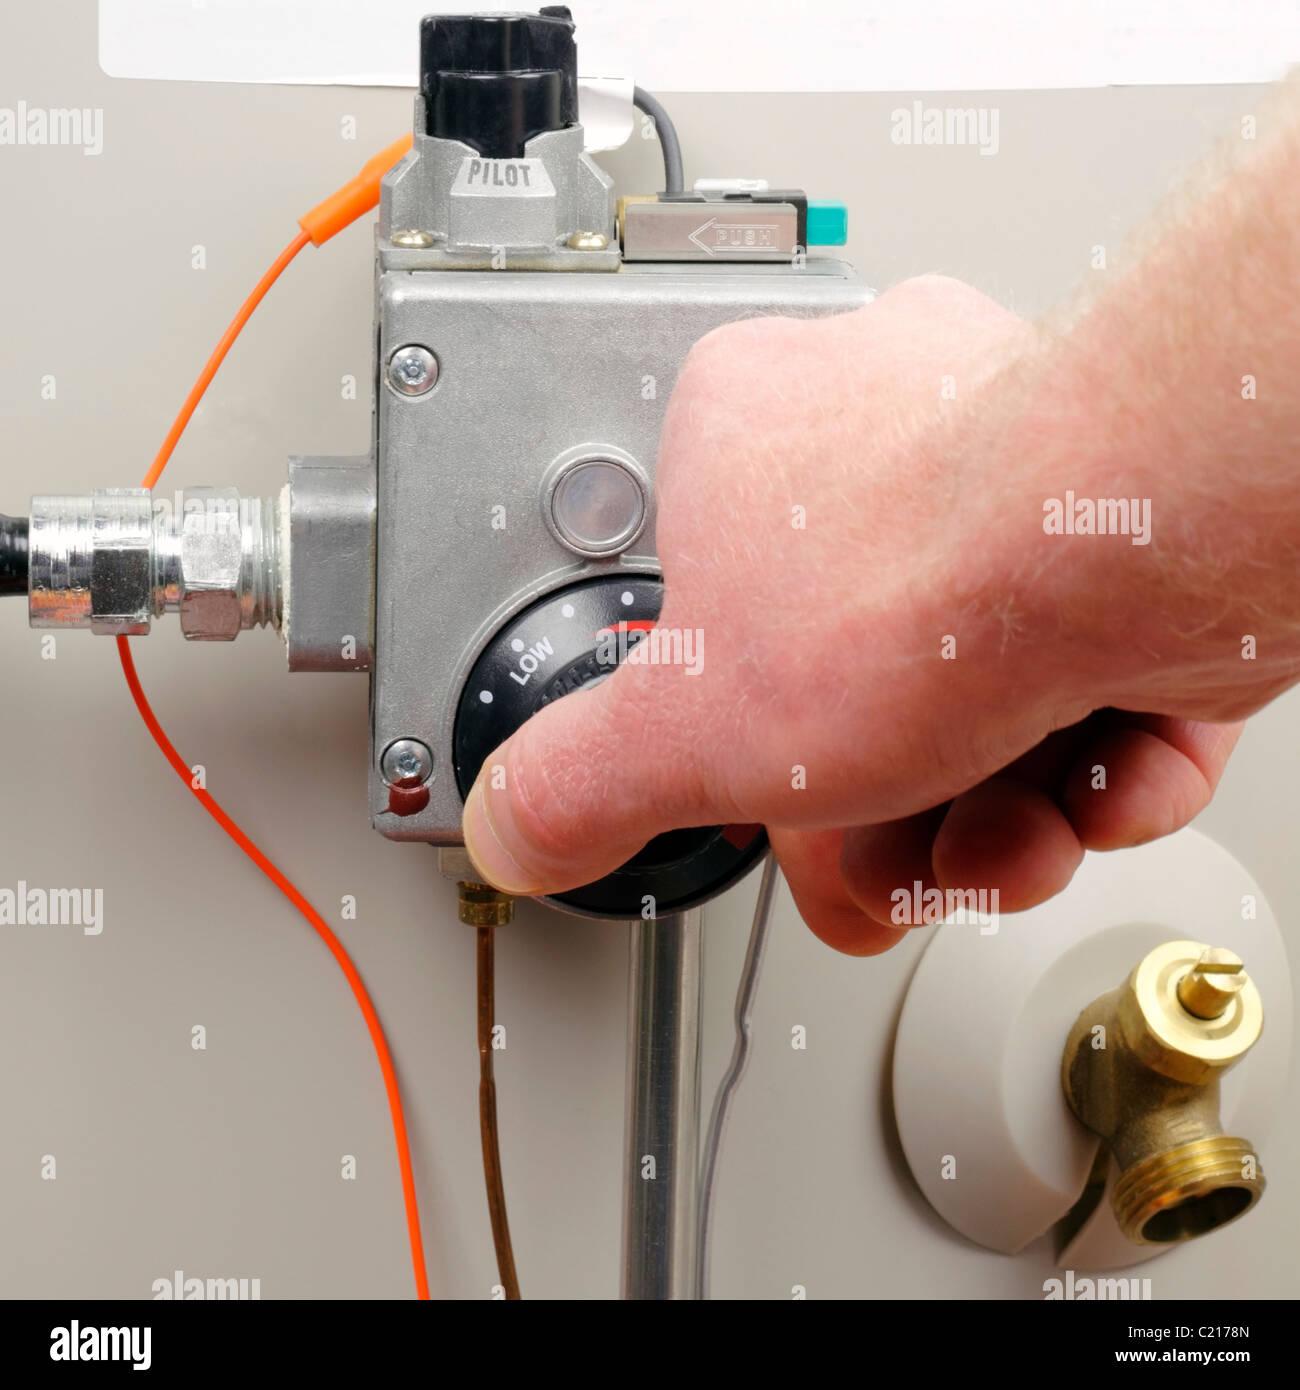 Plumbing Water Heater Stockfotos & Plumbing Water Heater Bilder - Alamy